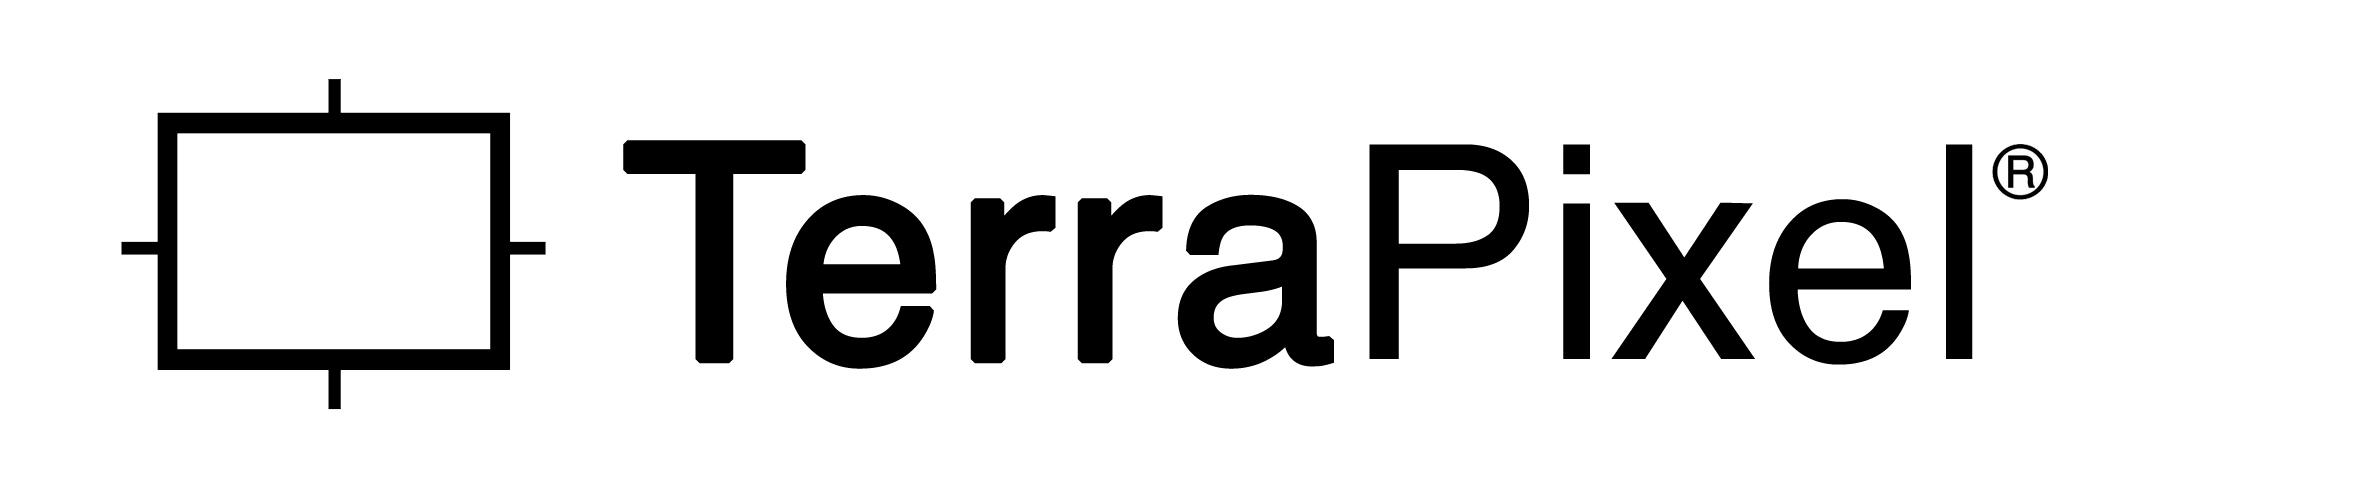 Terra_Pixel_Logo.jpg